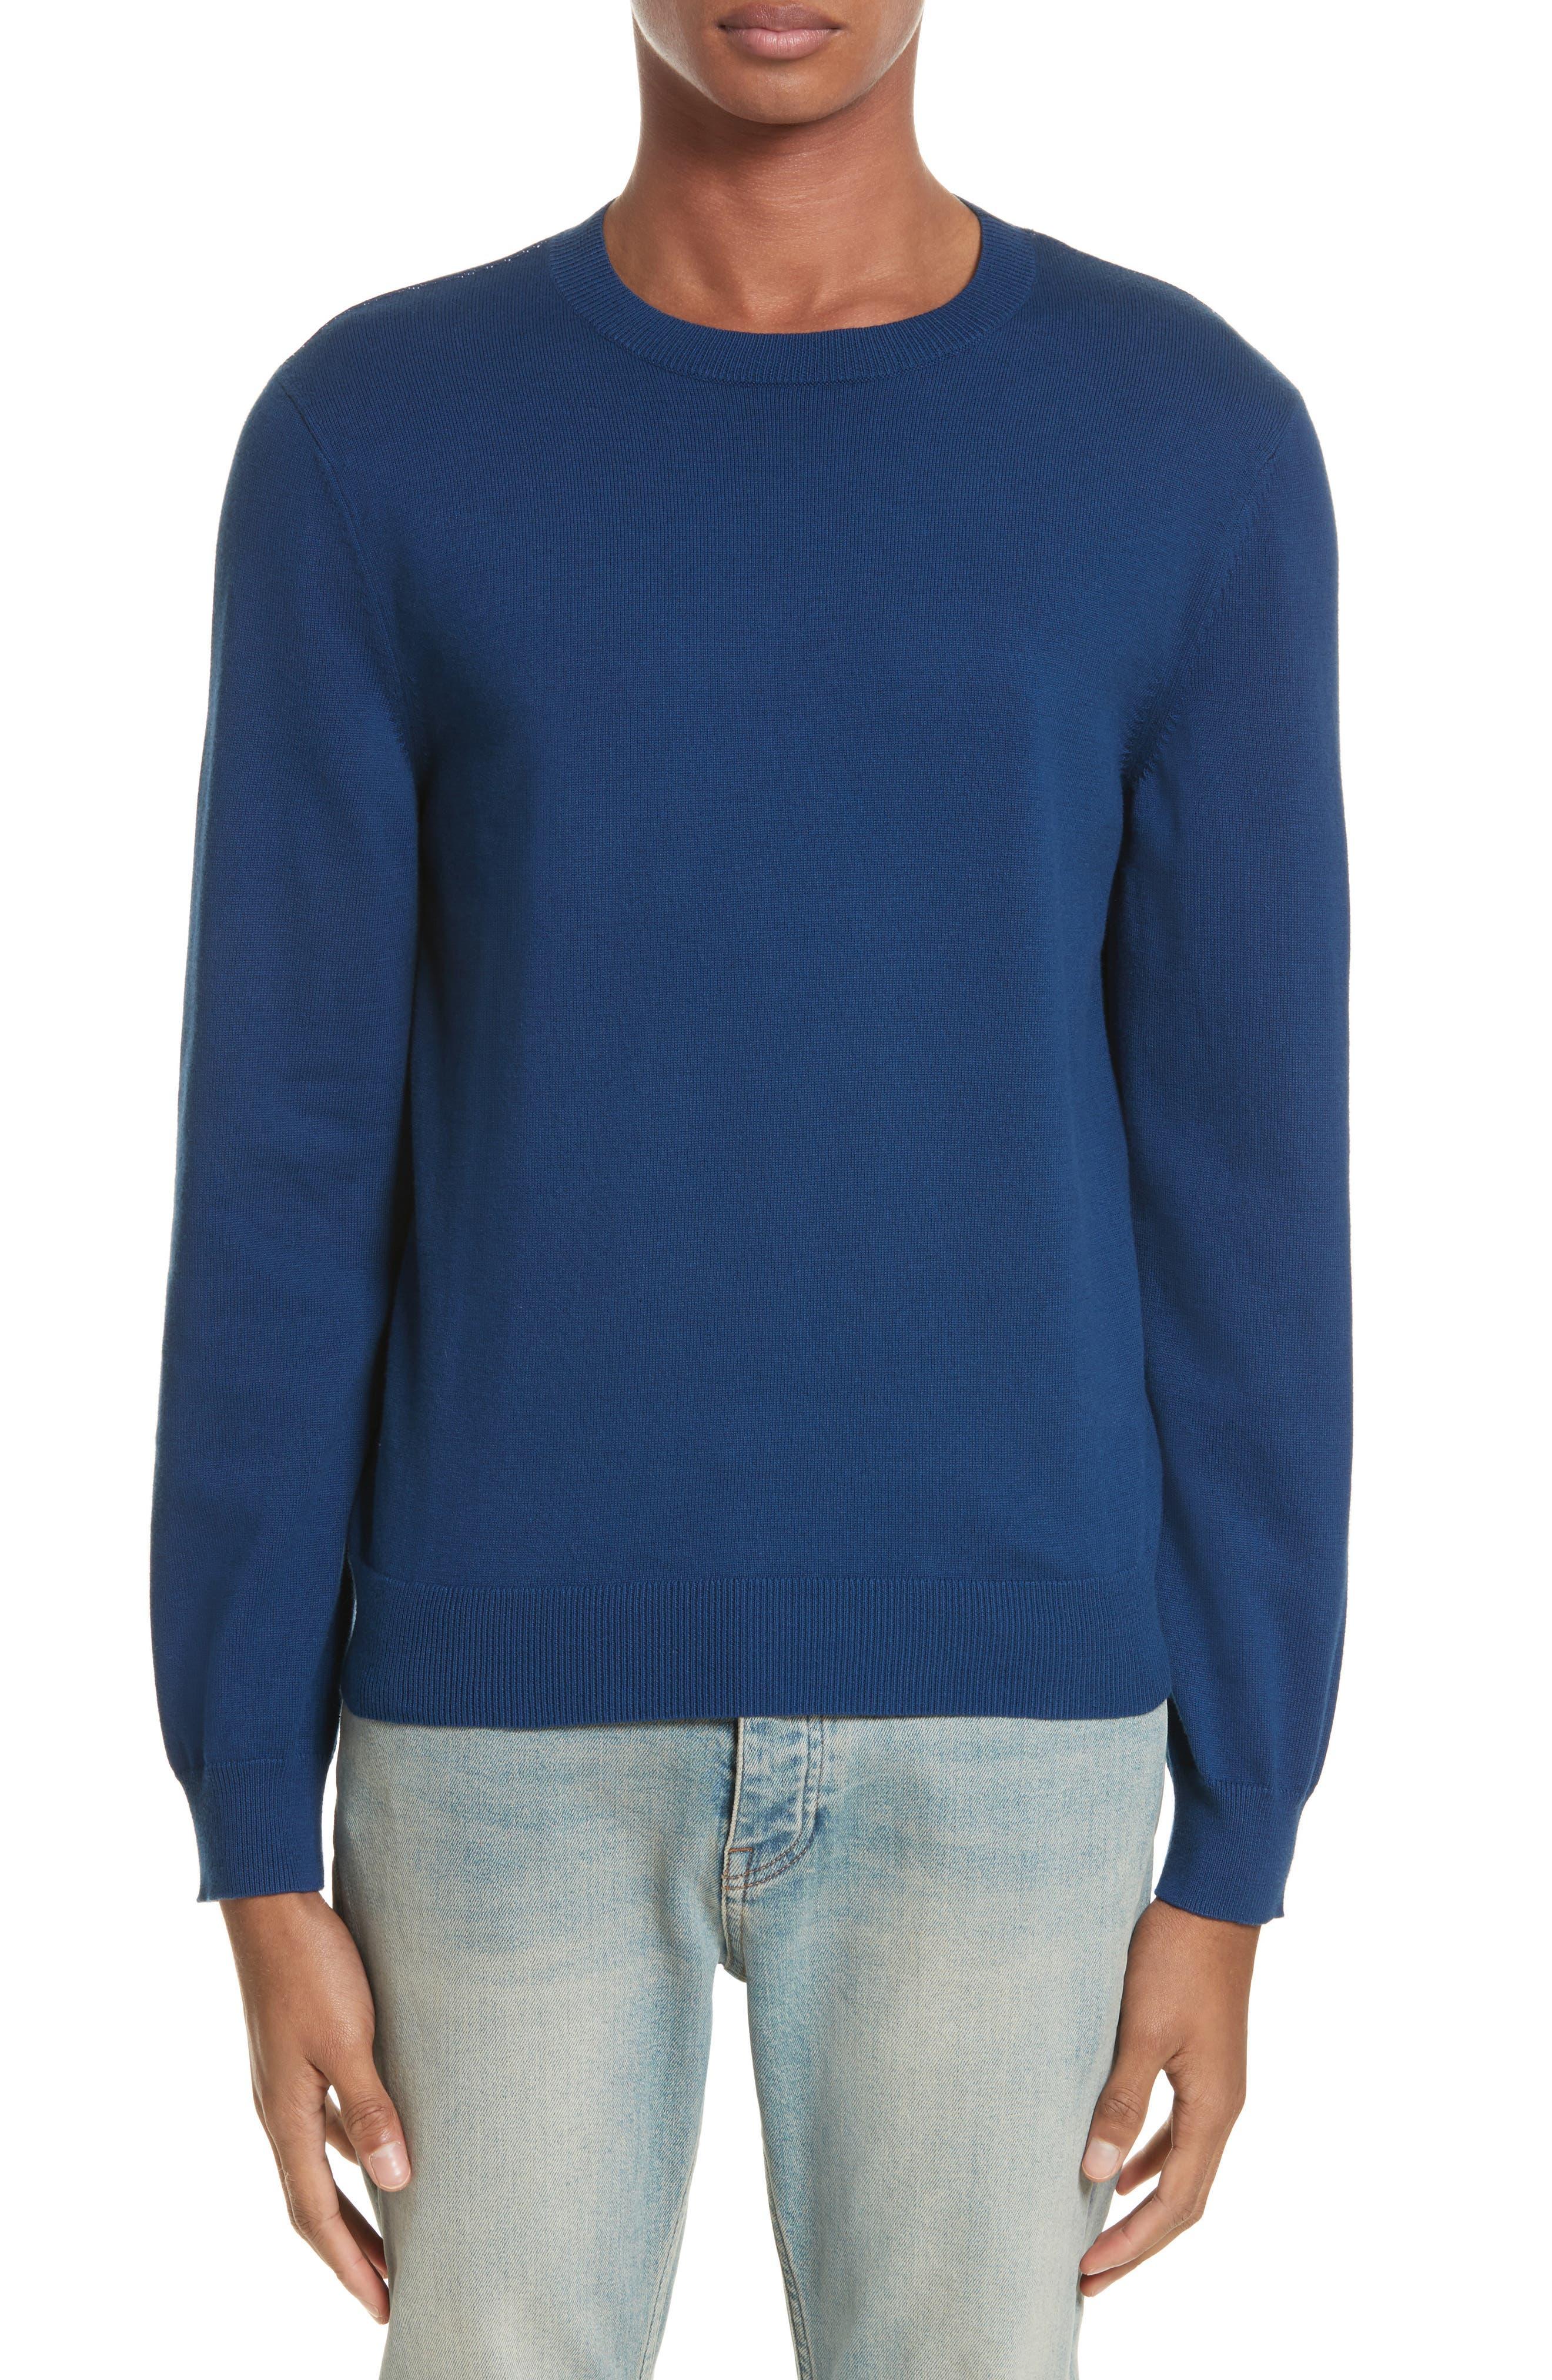 CIA Crewneck Sweater,                         Main,                         color, Bleu Fonce Iah